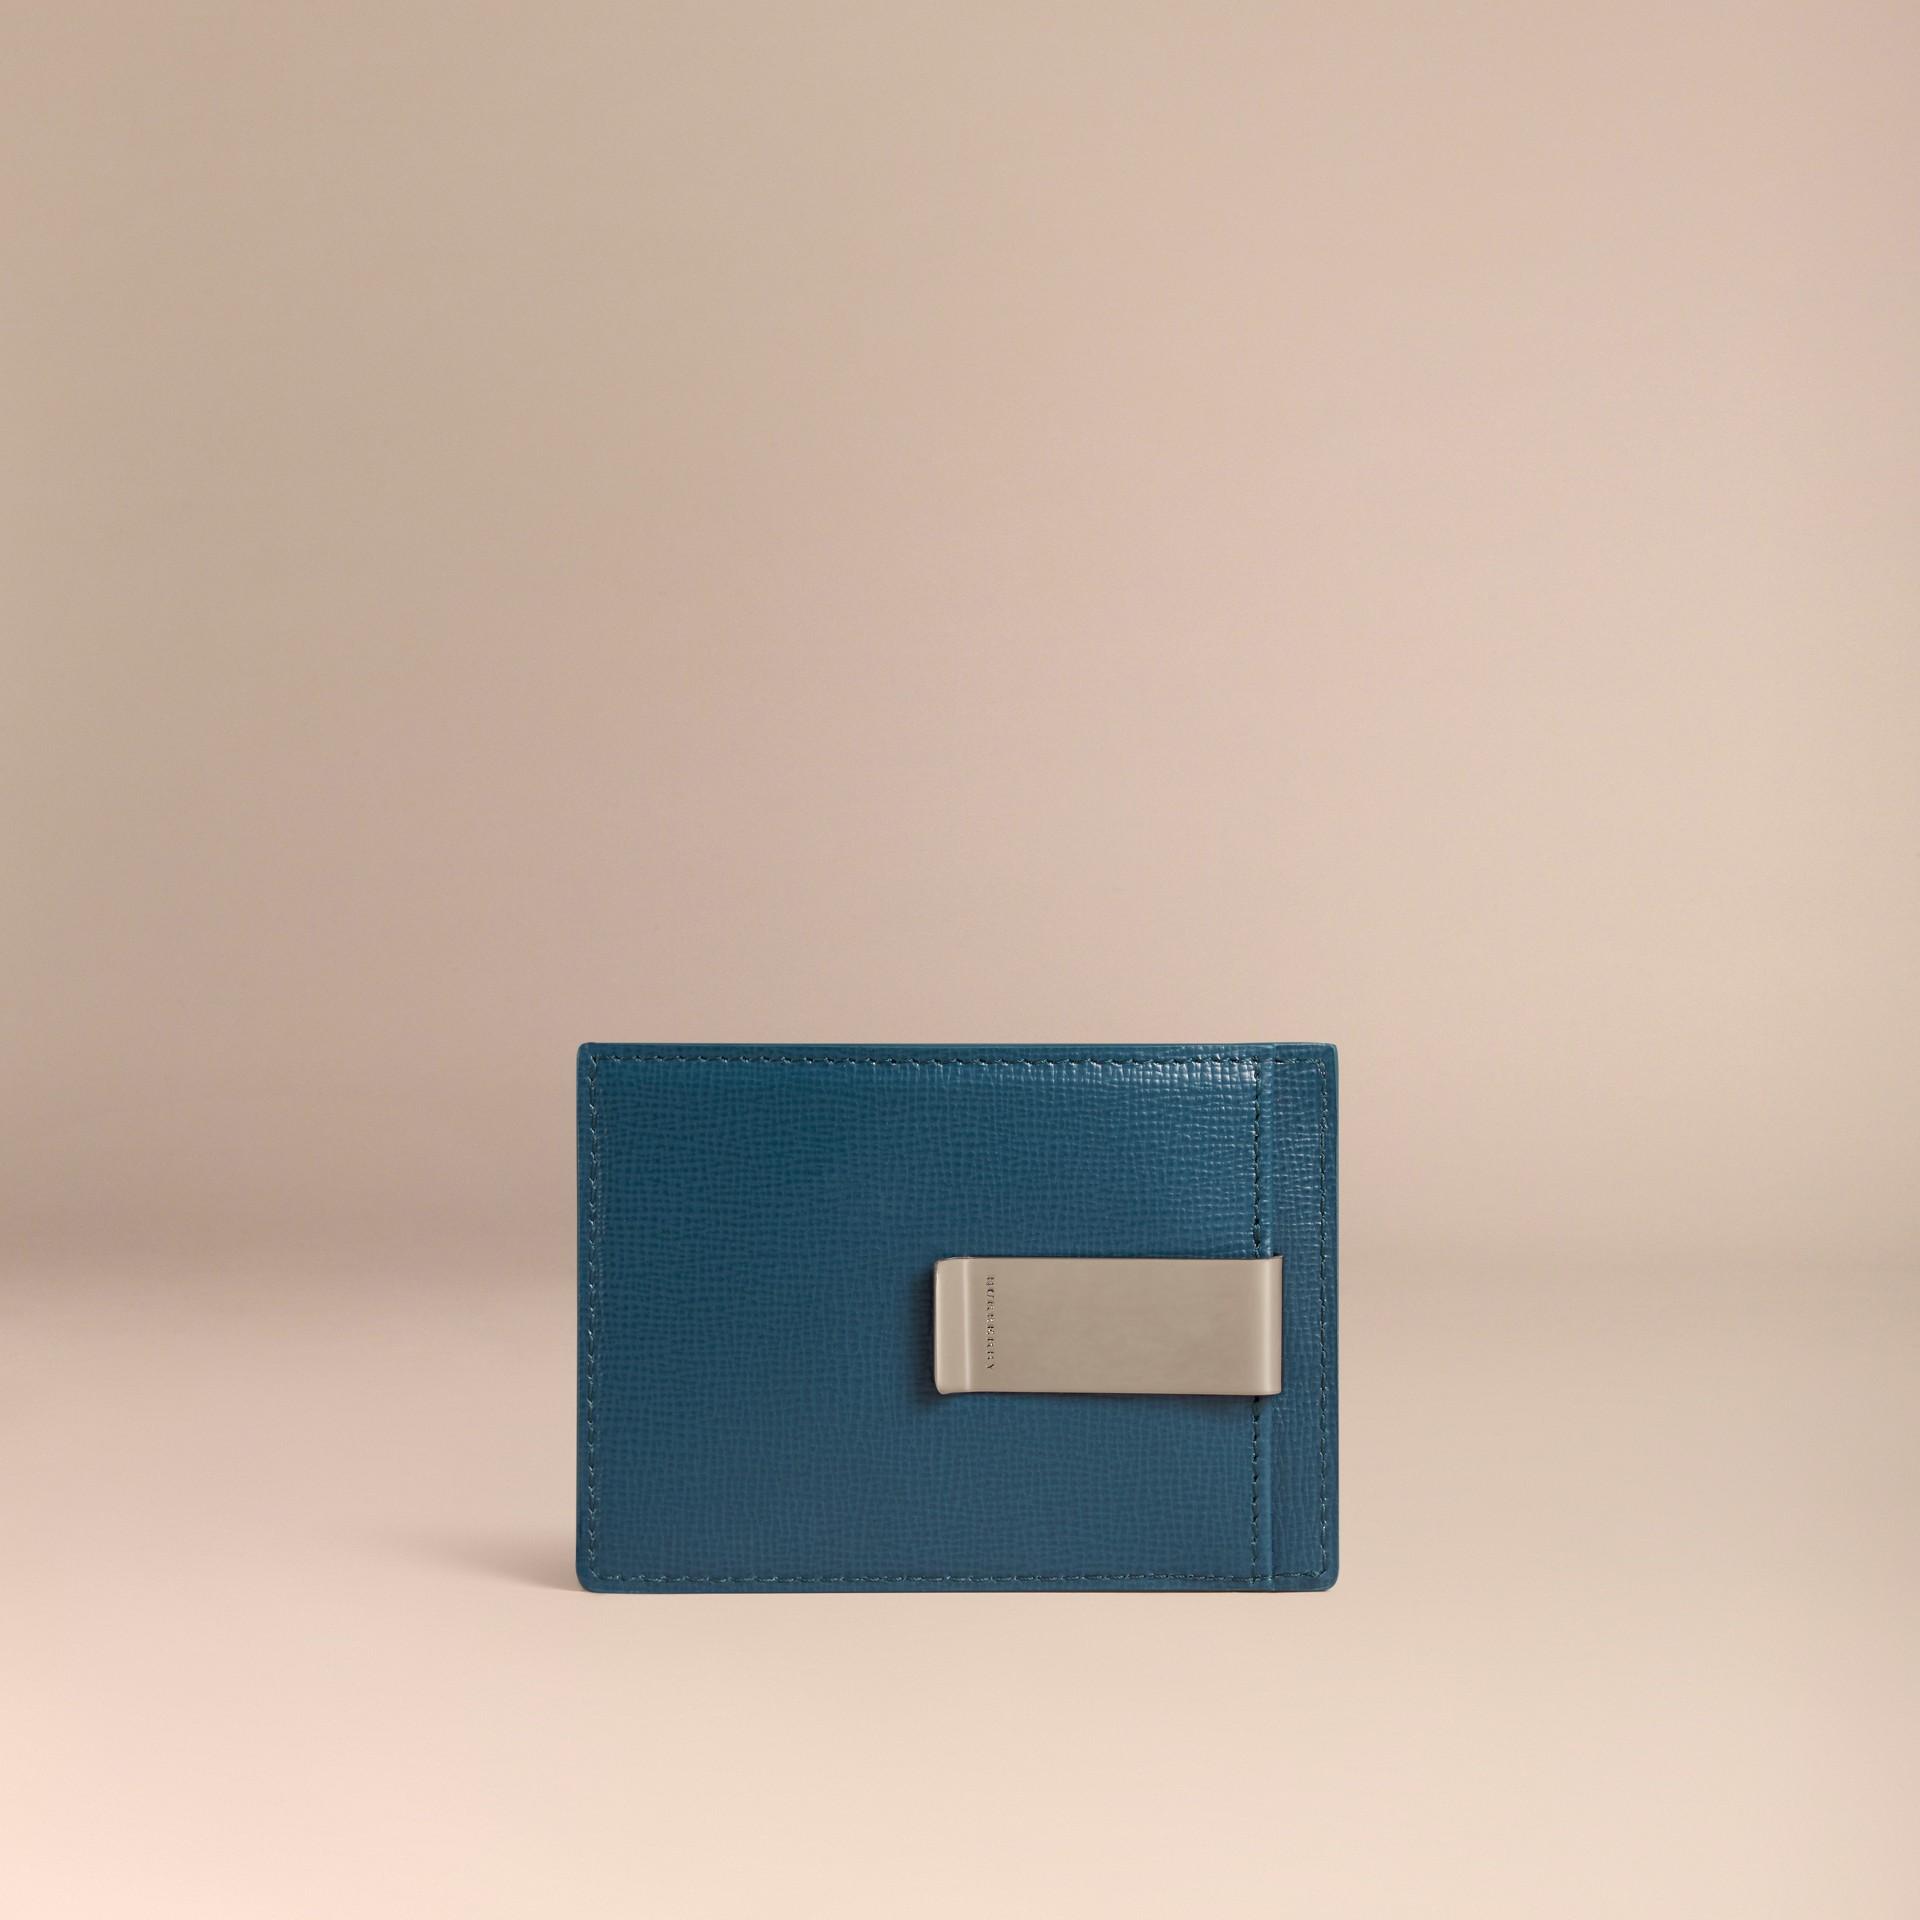 Mineralblau Kartenetui aus London-Leder mit Geldscheinklammer Mineralblau - Galerie-Bild 2